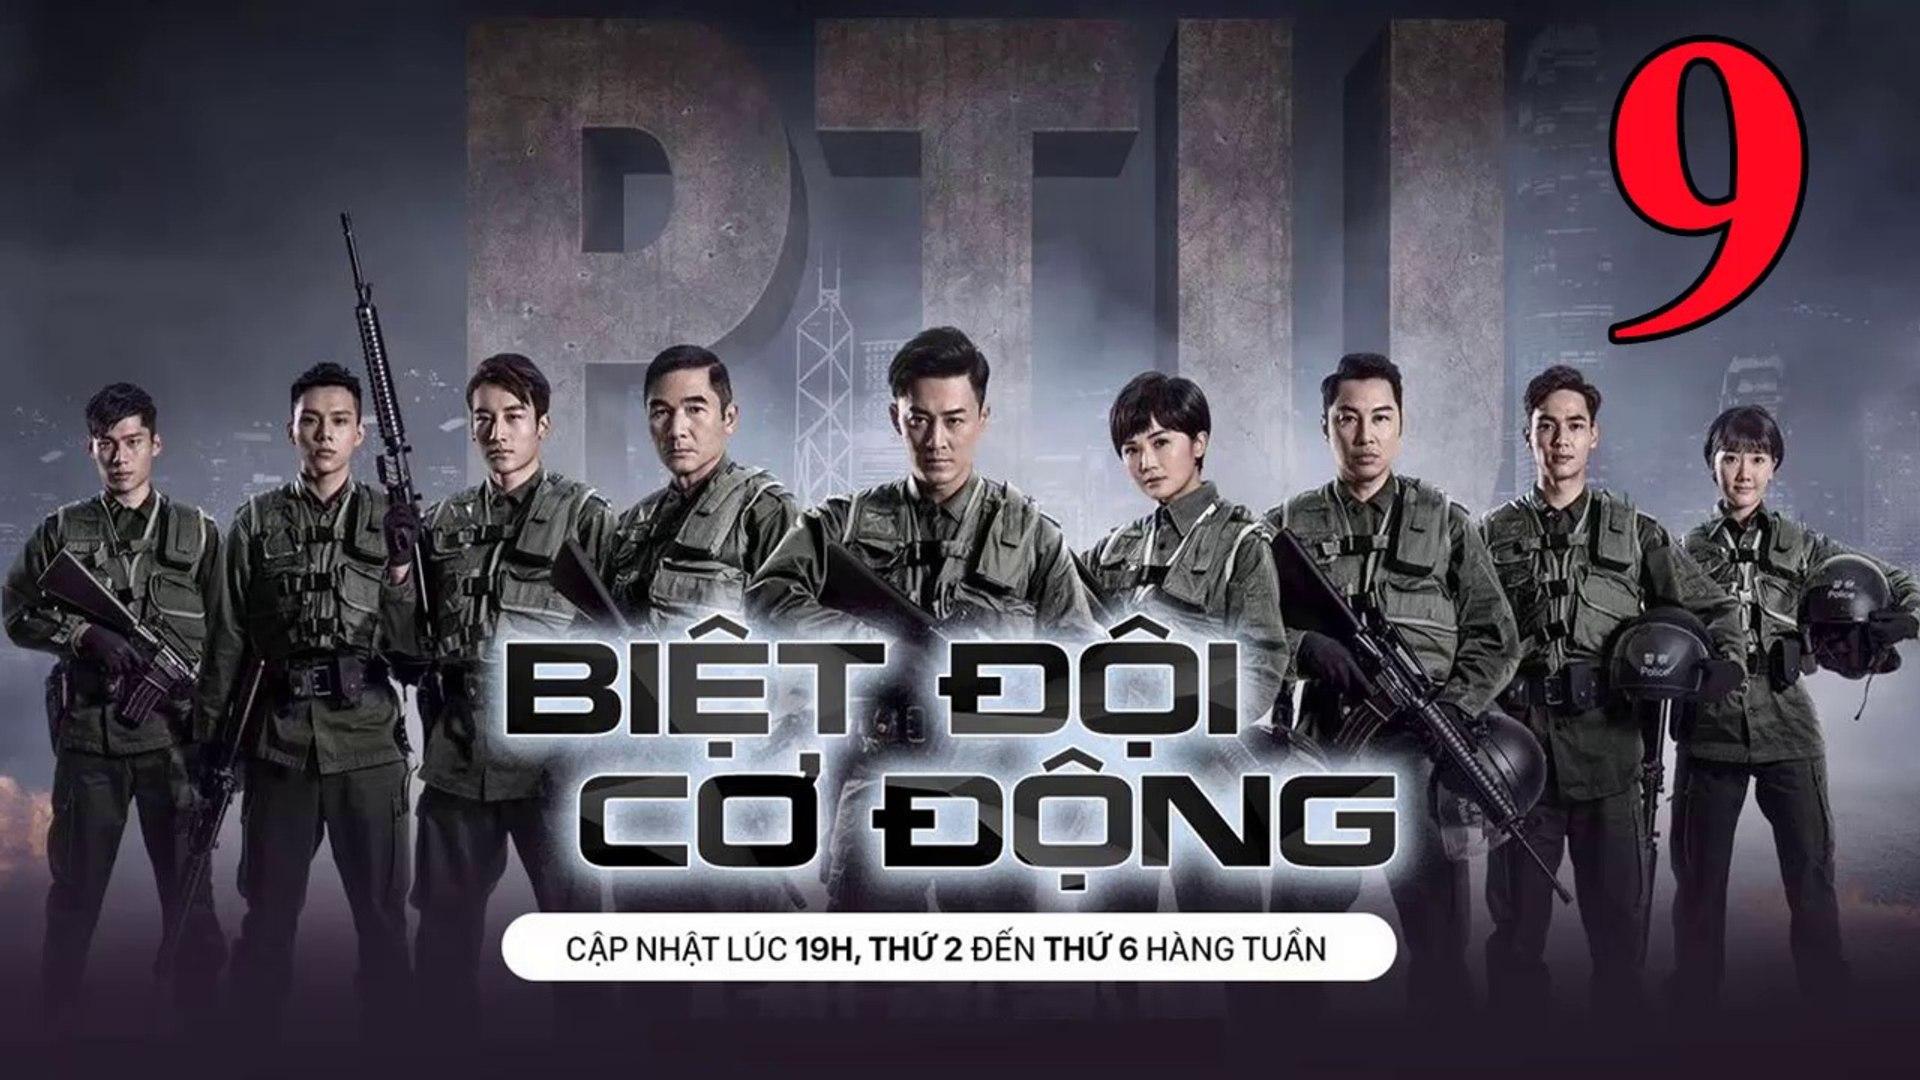 Phim Hành Động TVB: Biệt Đội Cơ Động Tập 9 Vietsub | 机动部队 Police Tactical Unit Ep.9  HD 2019